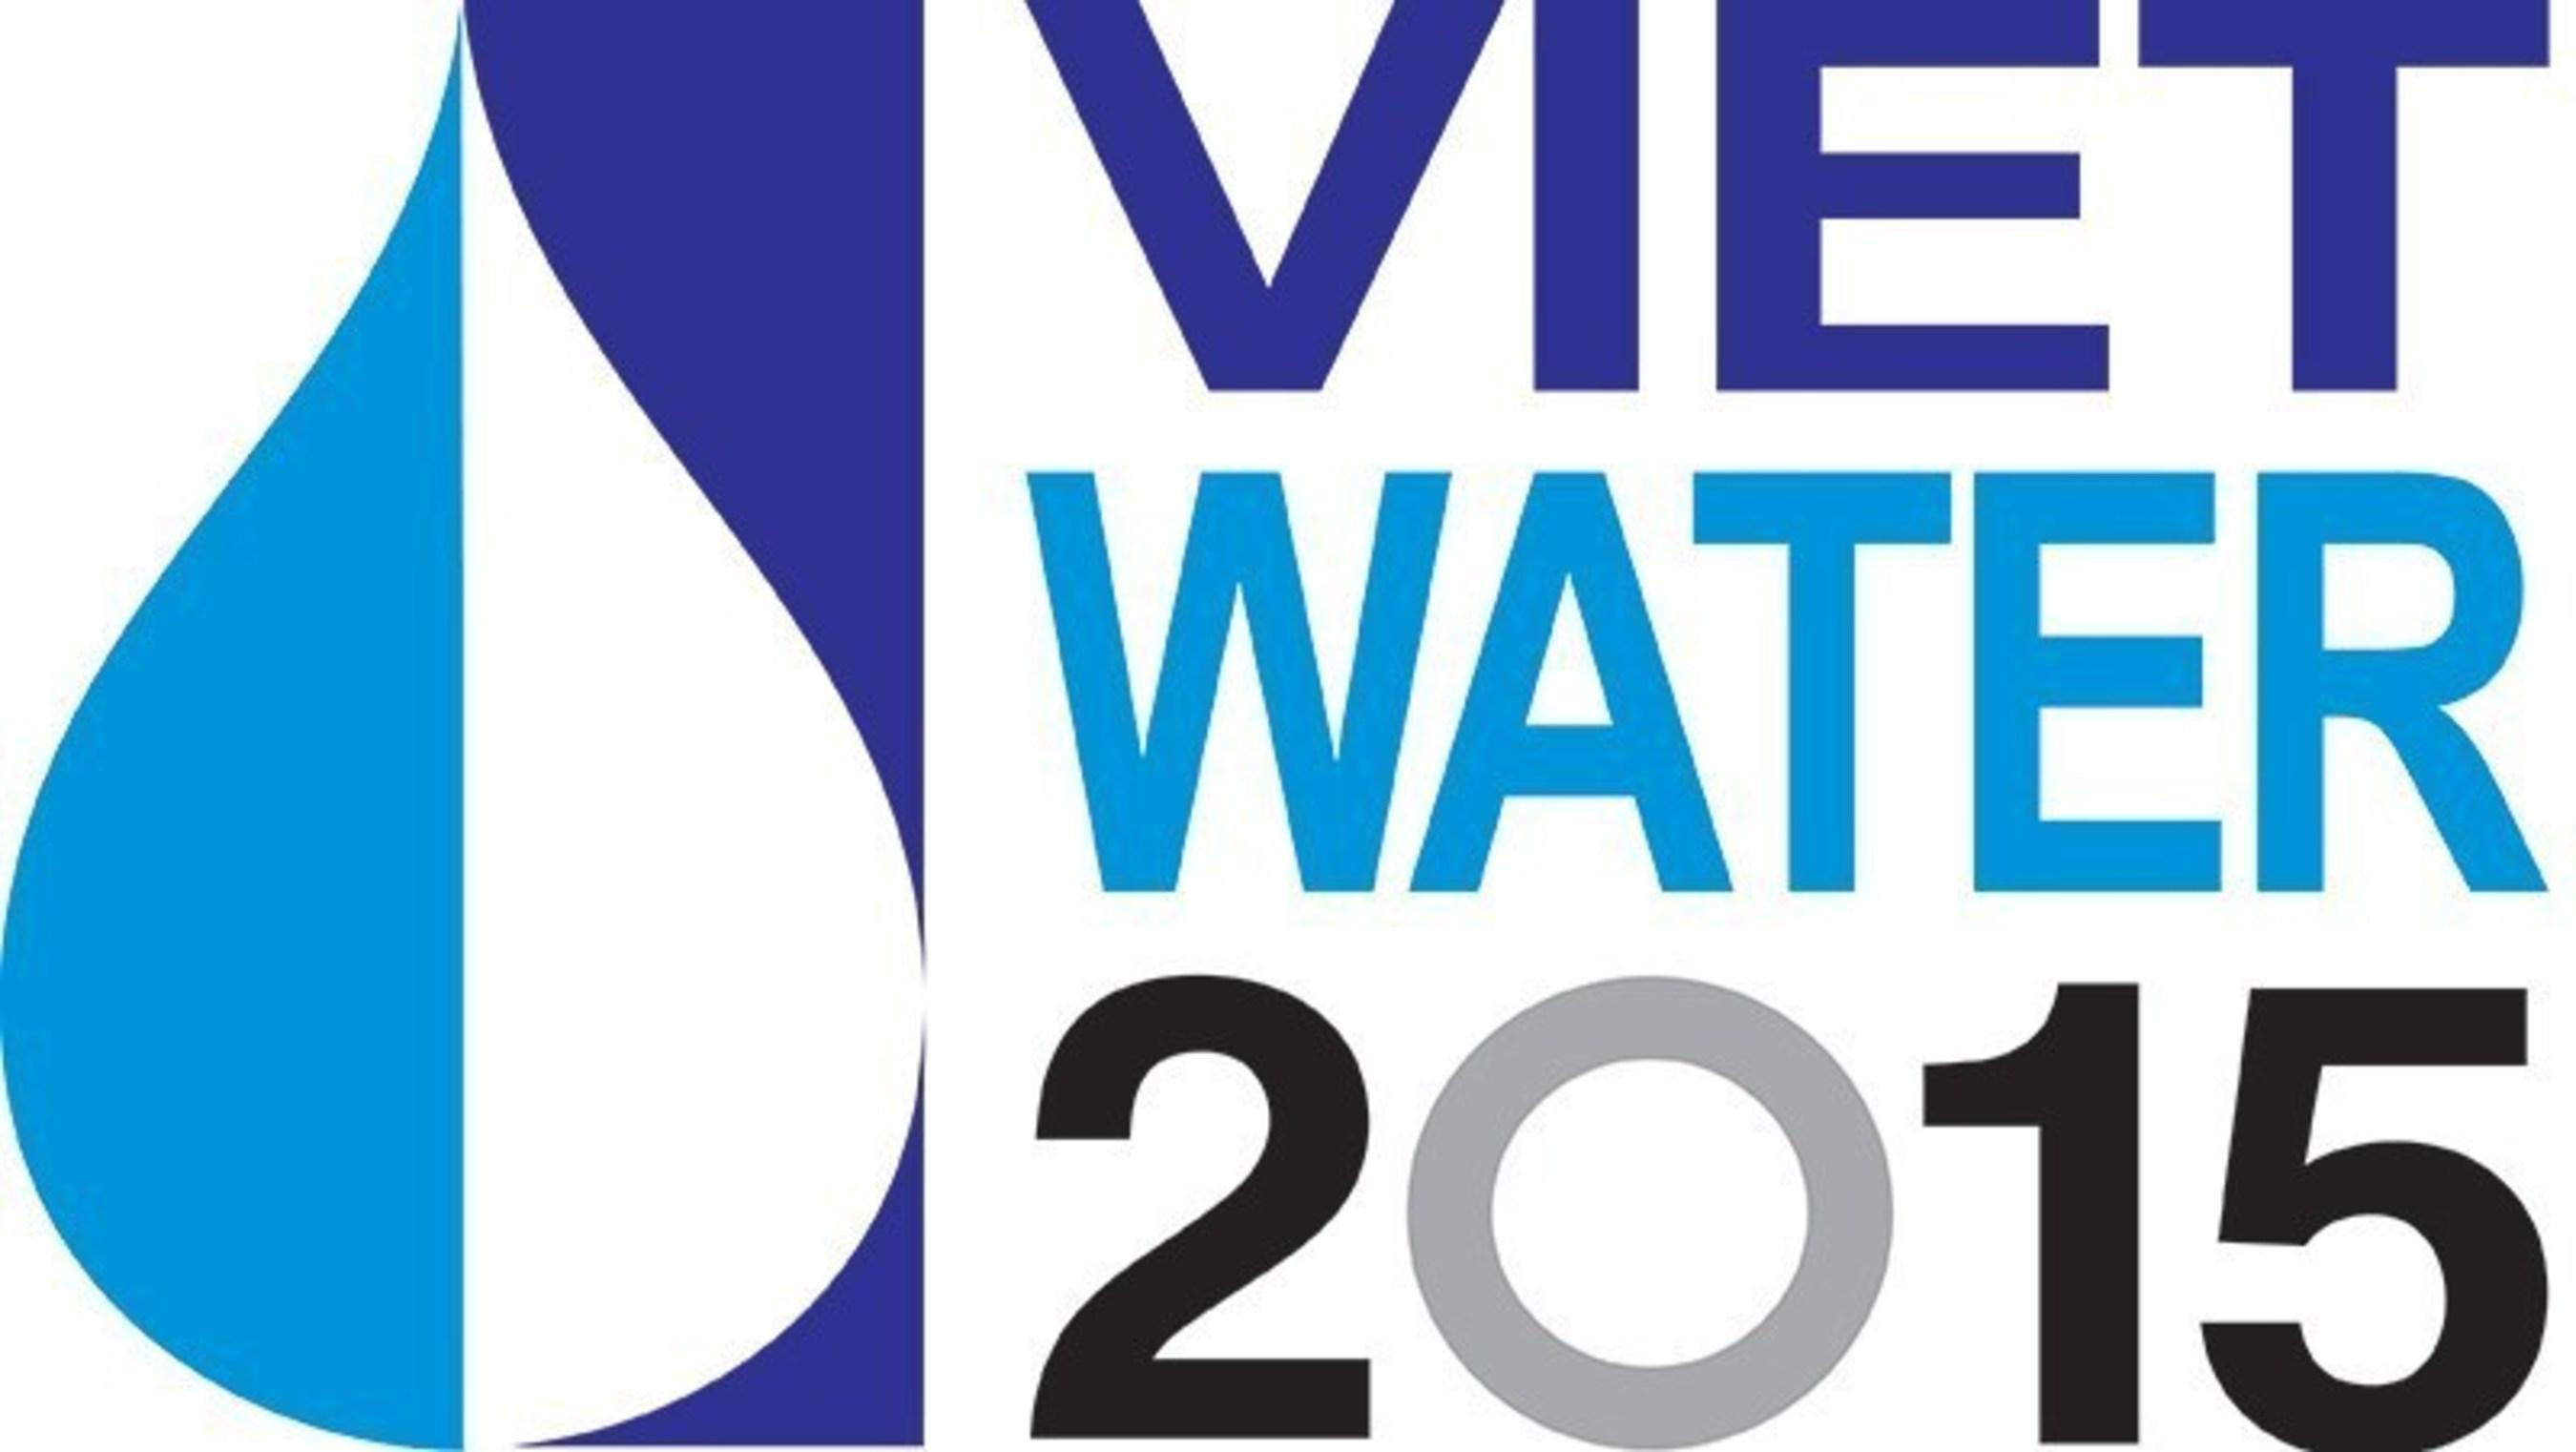 Vietwater 2015 Logo